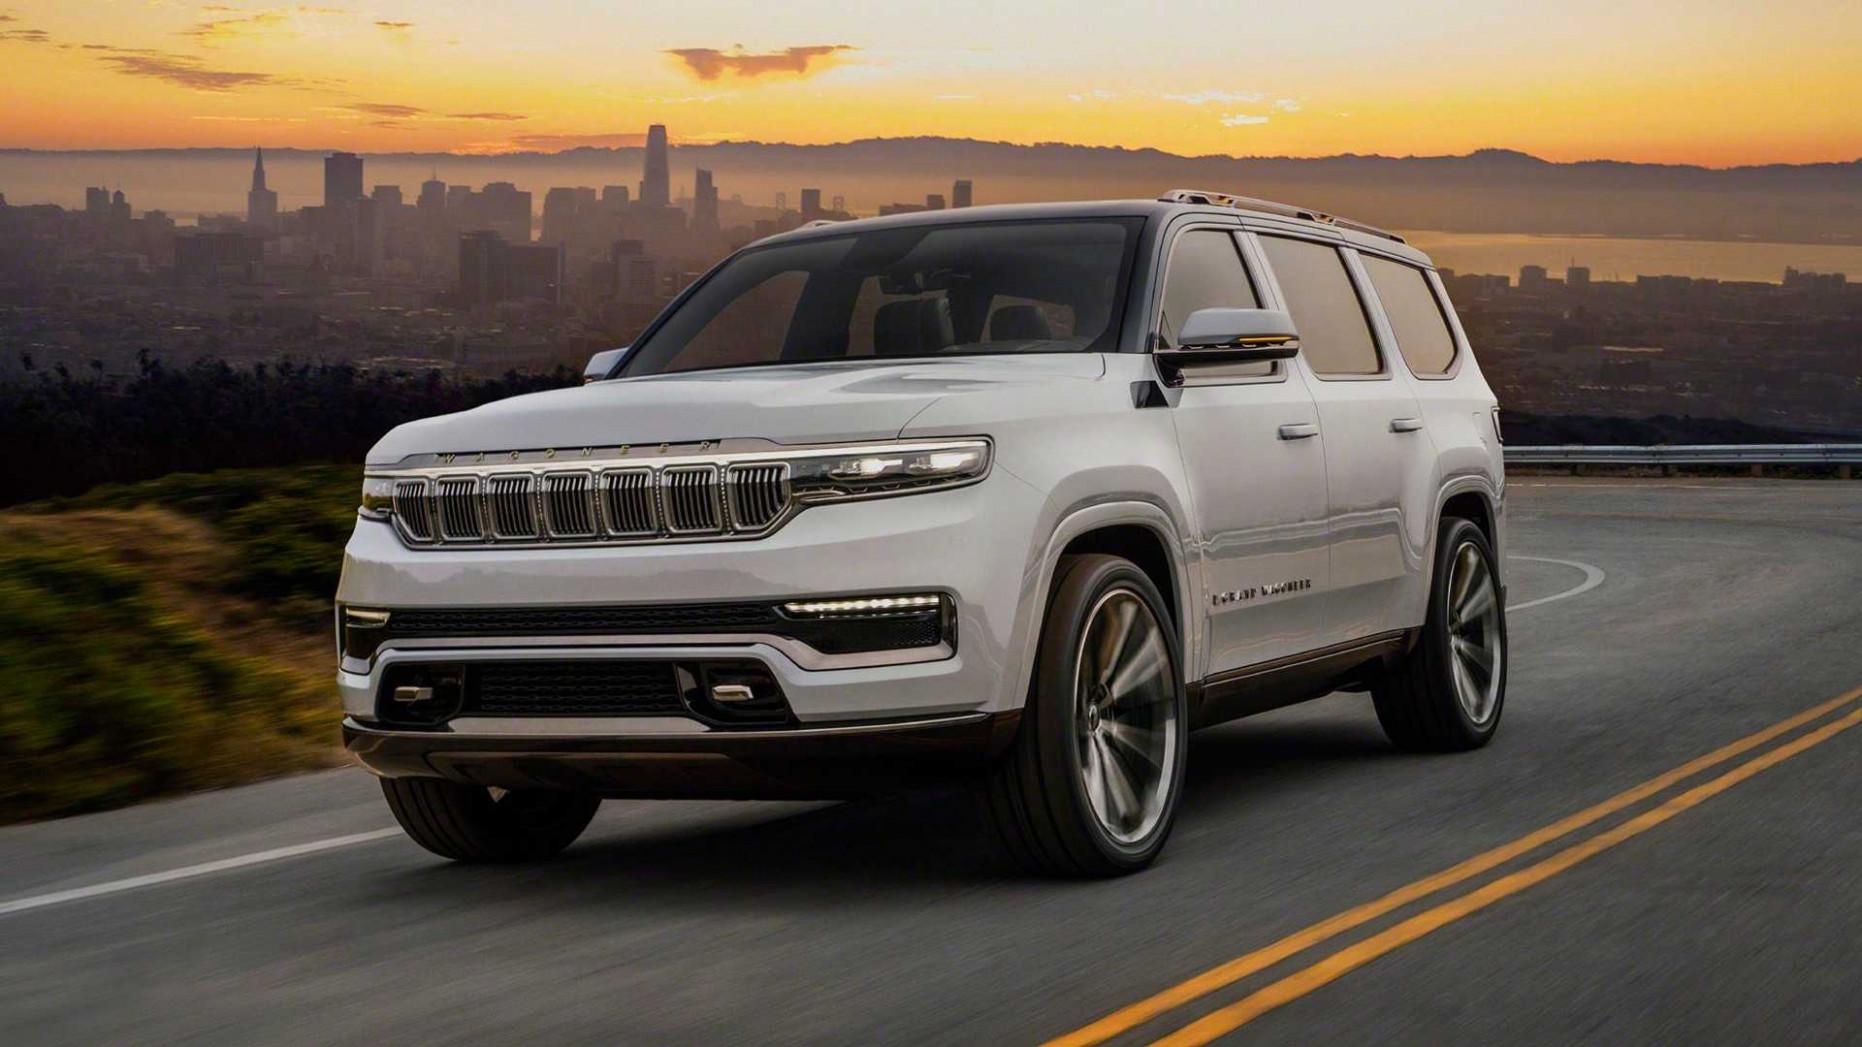 Photos 2022 Jeep Wagoneer